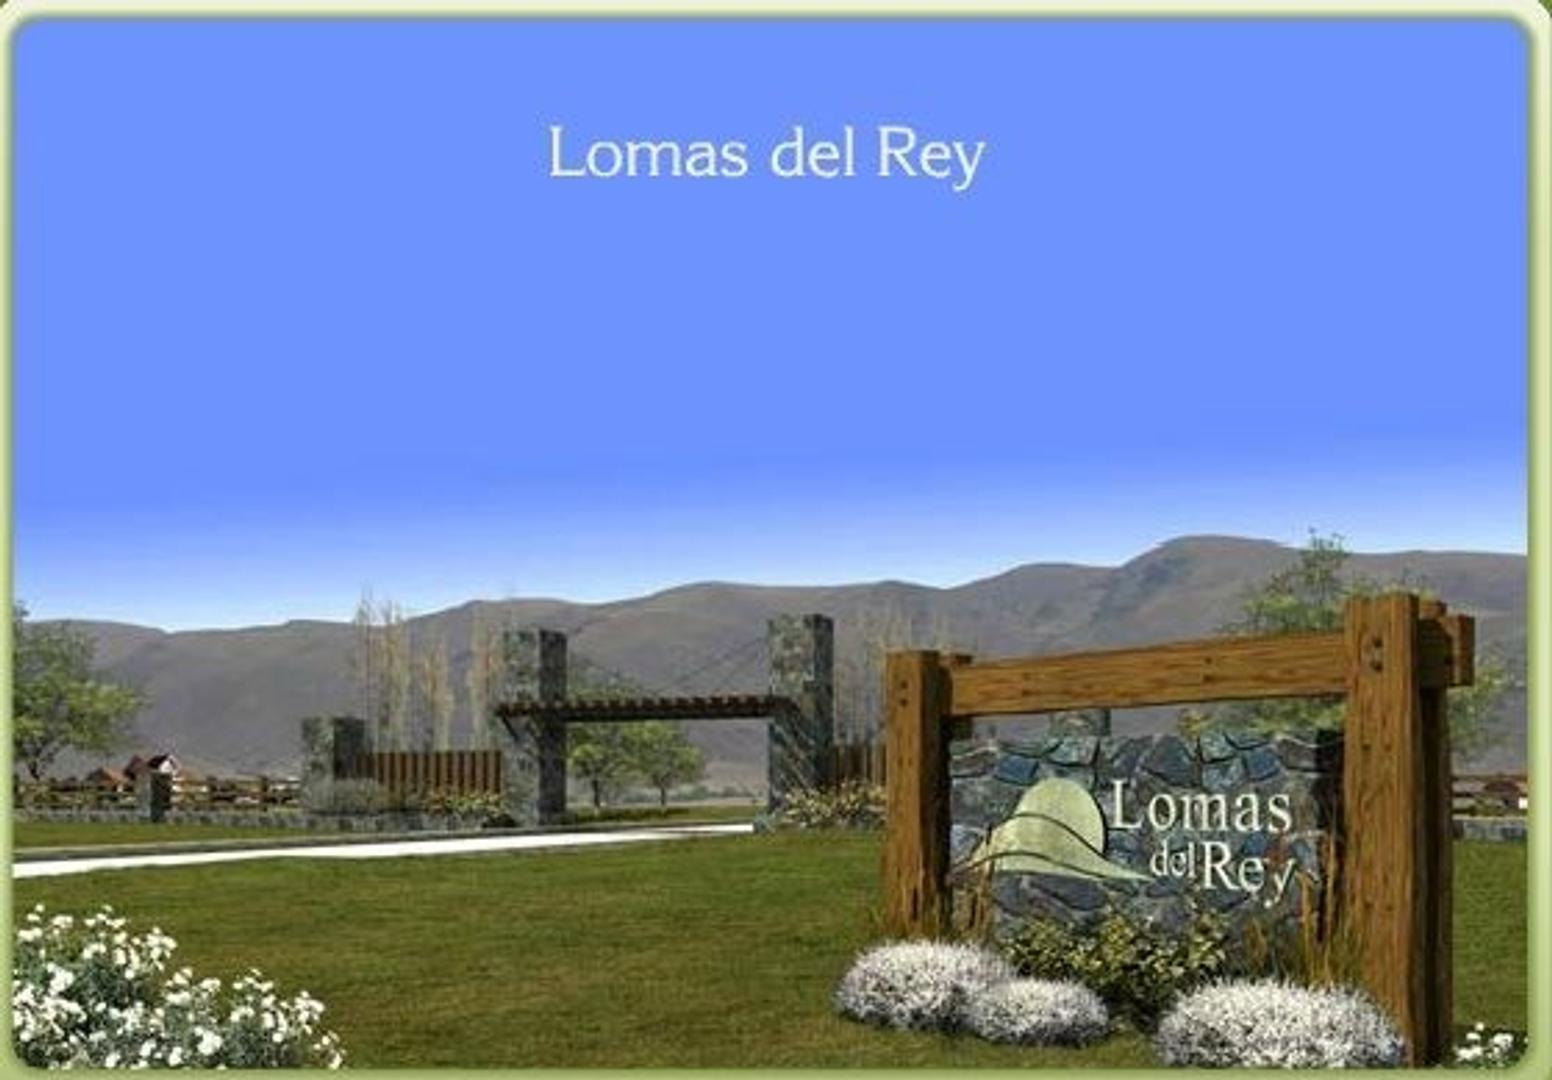 """LOTE EN VENTA DE 1550 M. EN Bº CERRADO """"LOMAS DEL REY""""- MAYU SUMAJ- HERMOSA VISTA A LAS SIERRAS"""